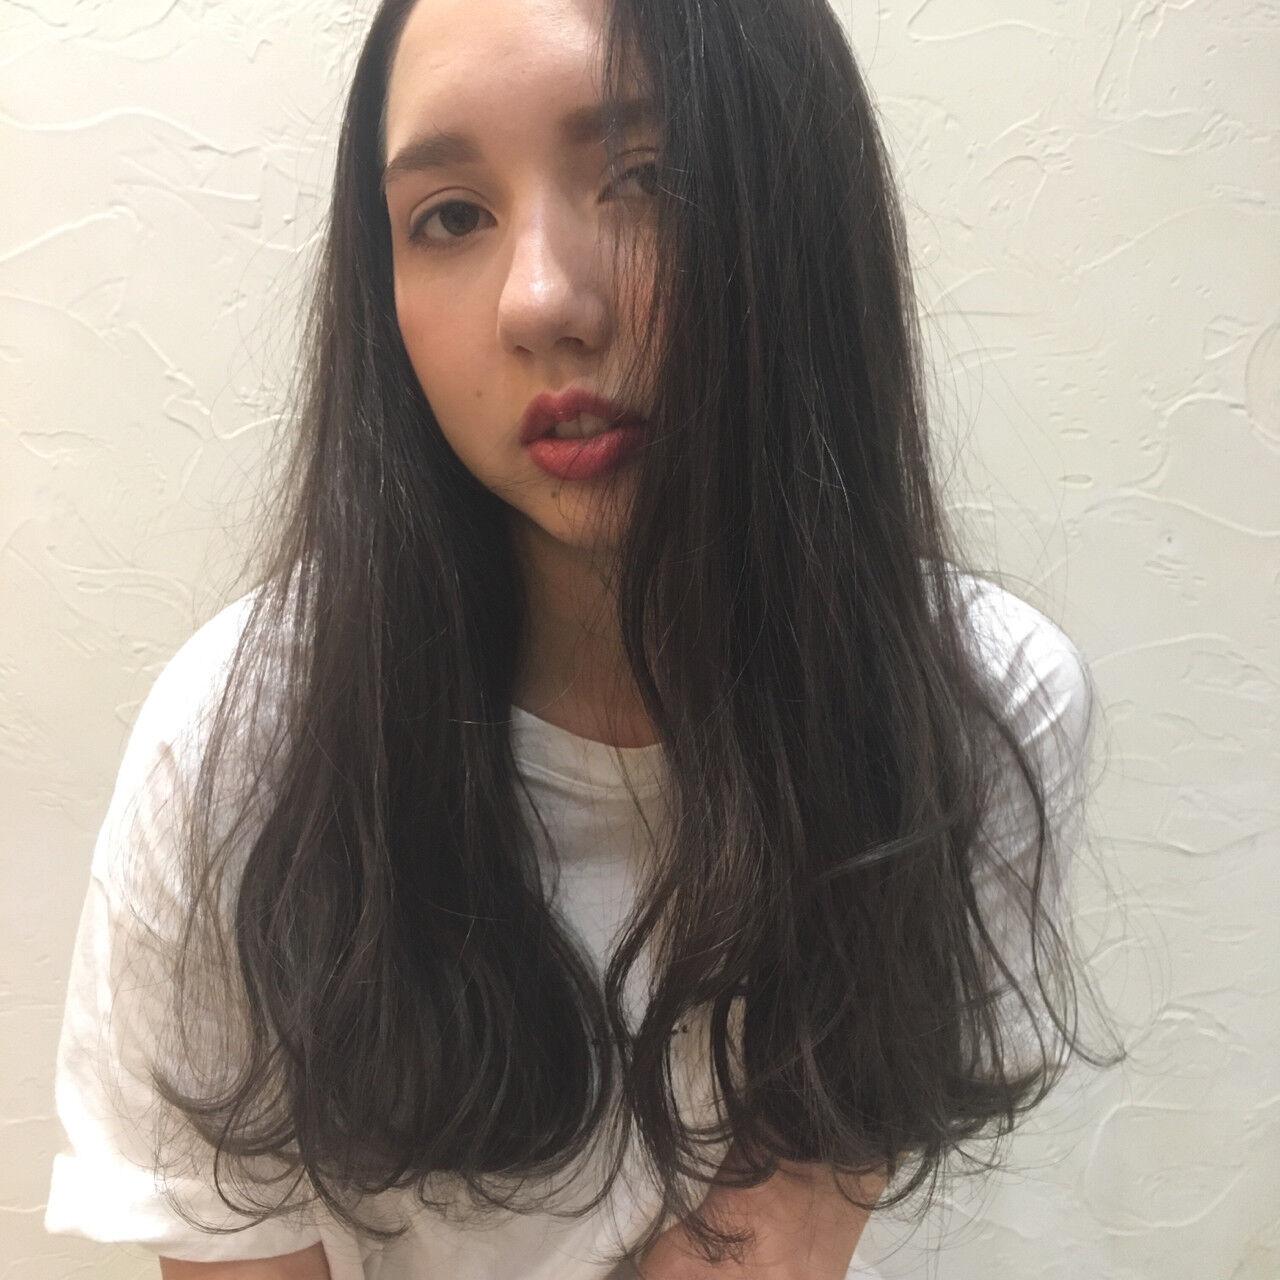 ブルージュ ロング 外国人風 ウェーブヘアスタイルや髪型の写真・画像